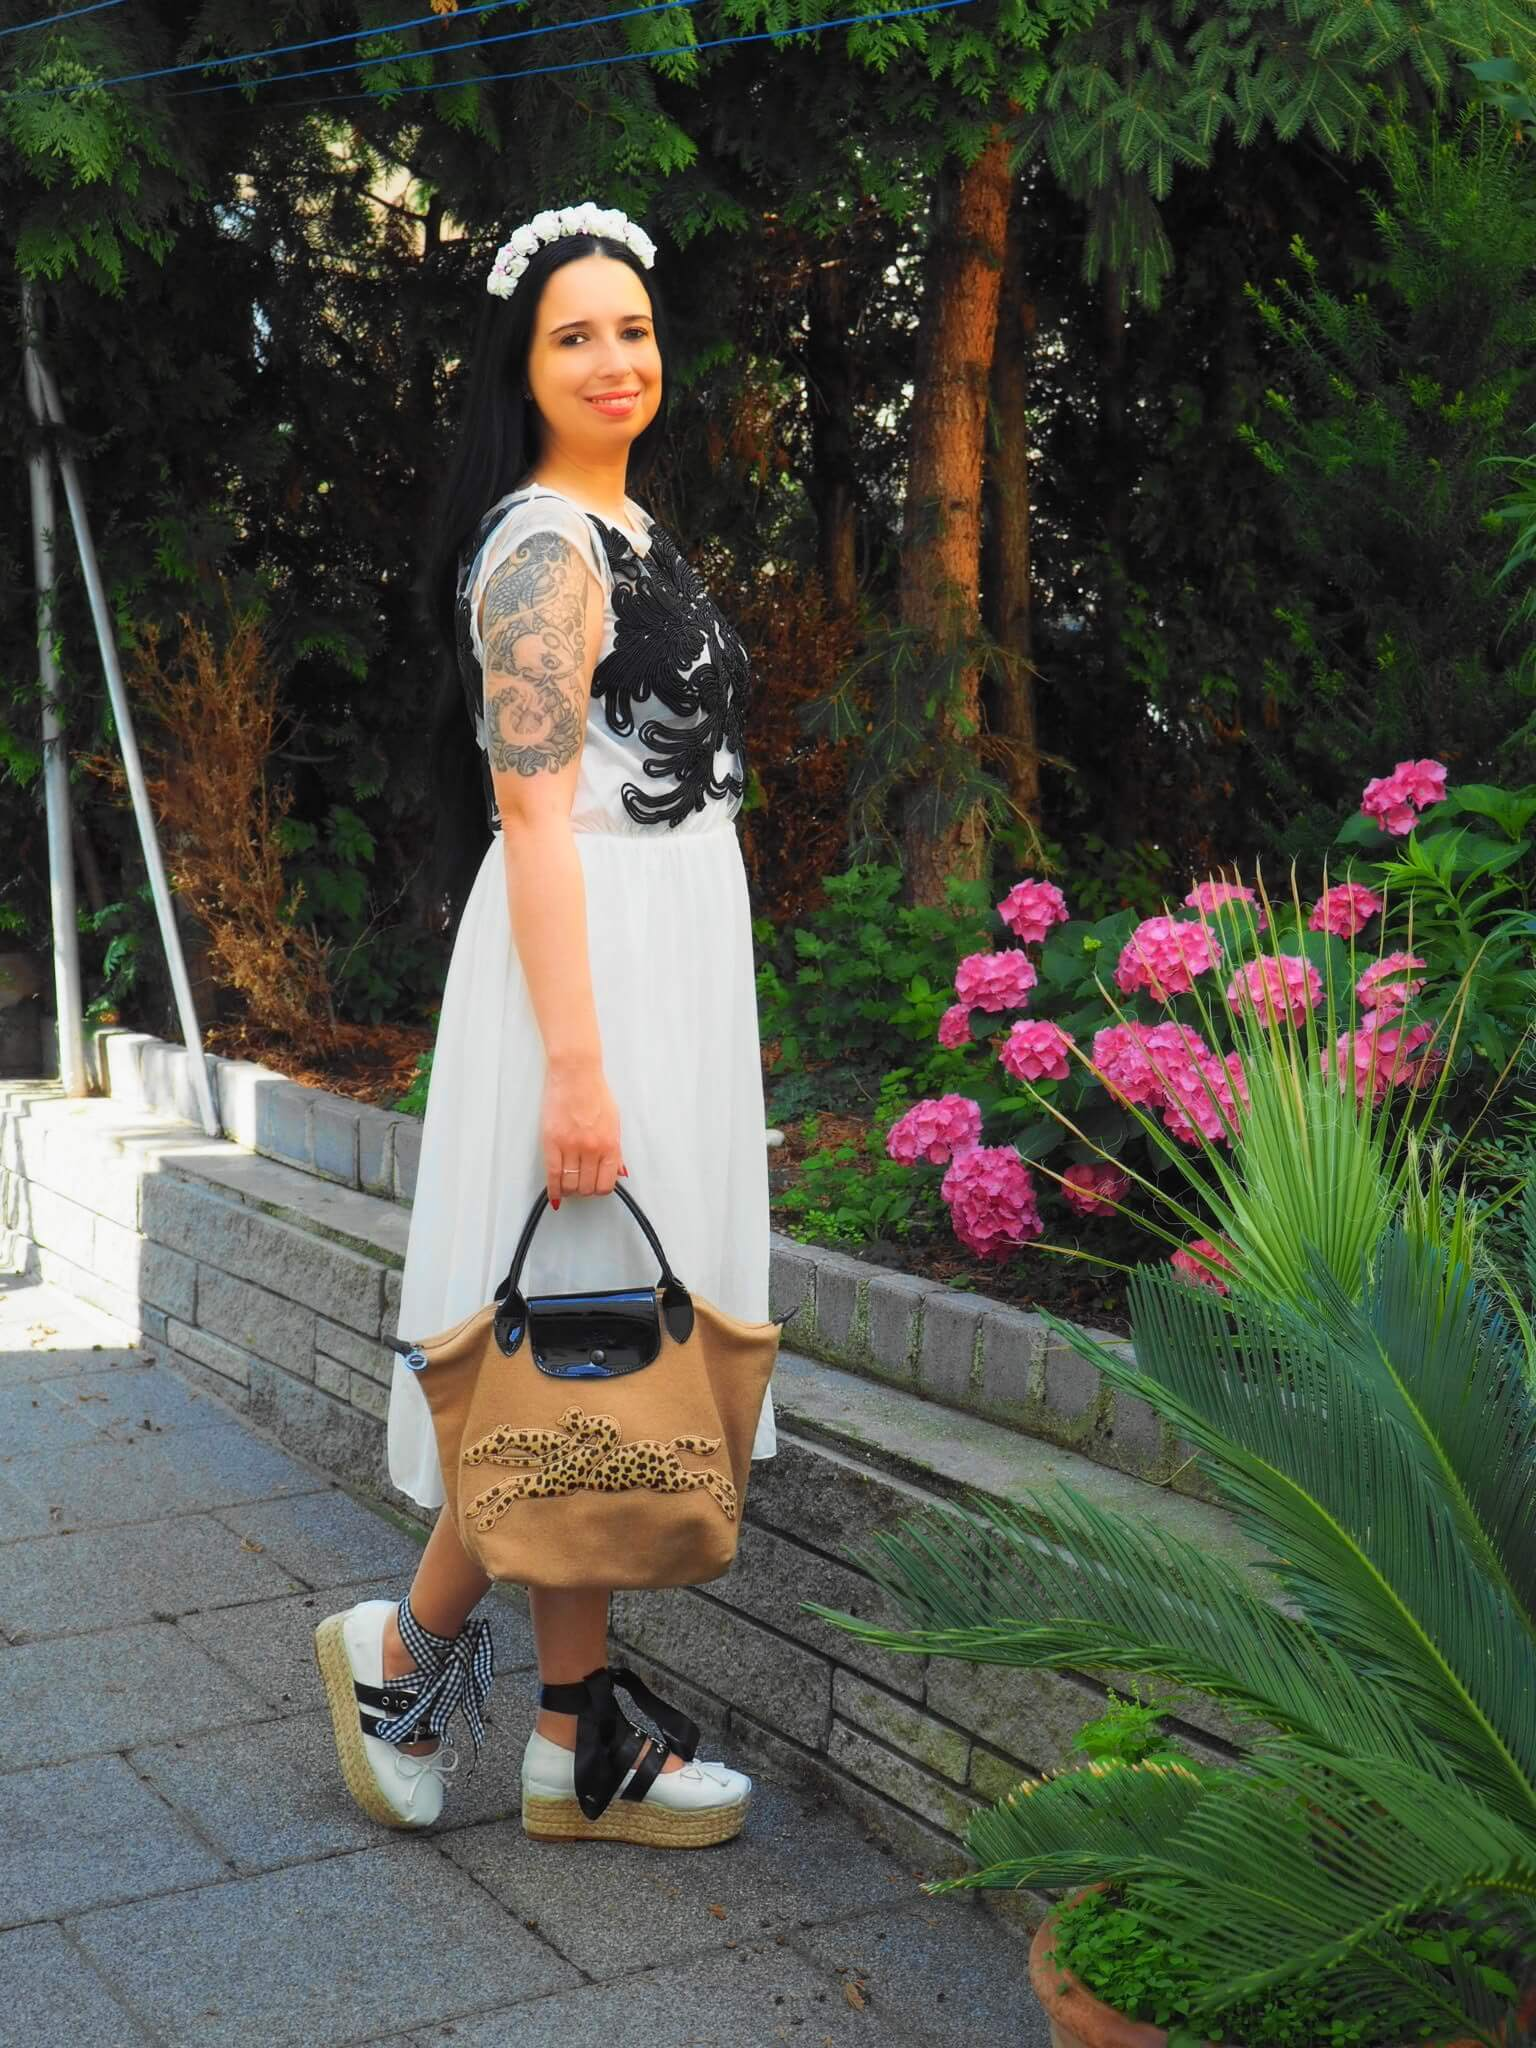 In diesem Blogpost könnt ihr etwas über die Geschichte von Longchamp erfahren und einen Geisha Look mit meiner Le Pliage Victoire und Miu Miu Wedges sehen